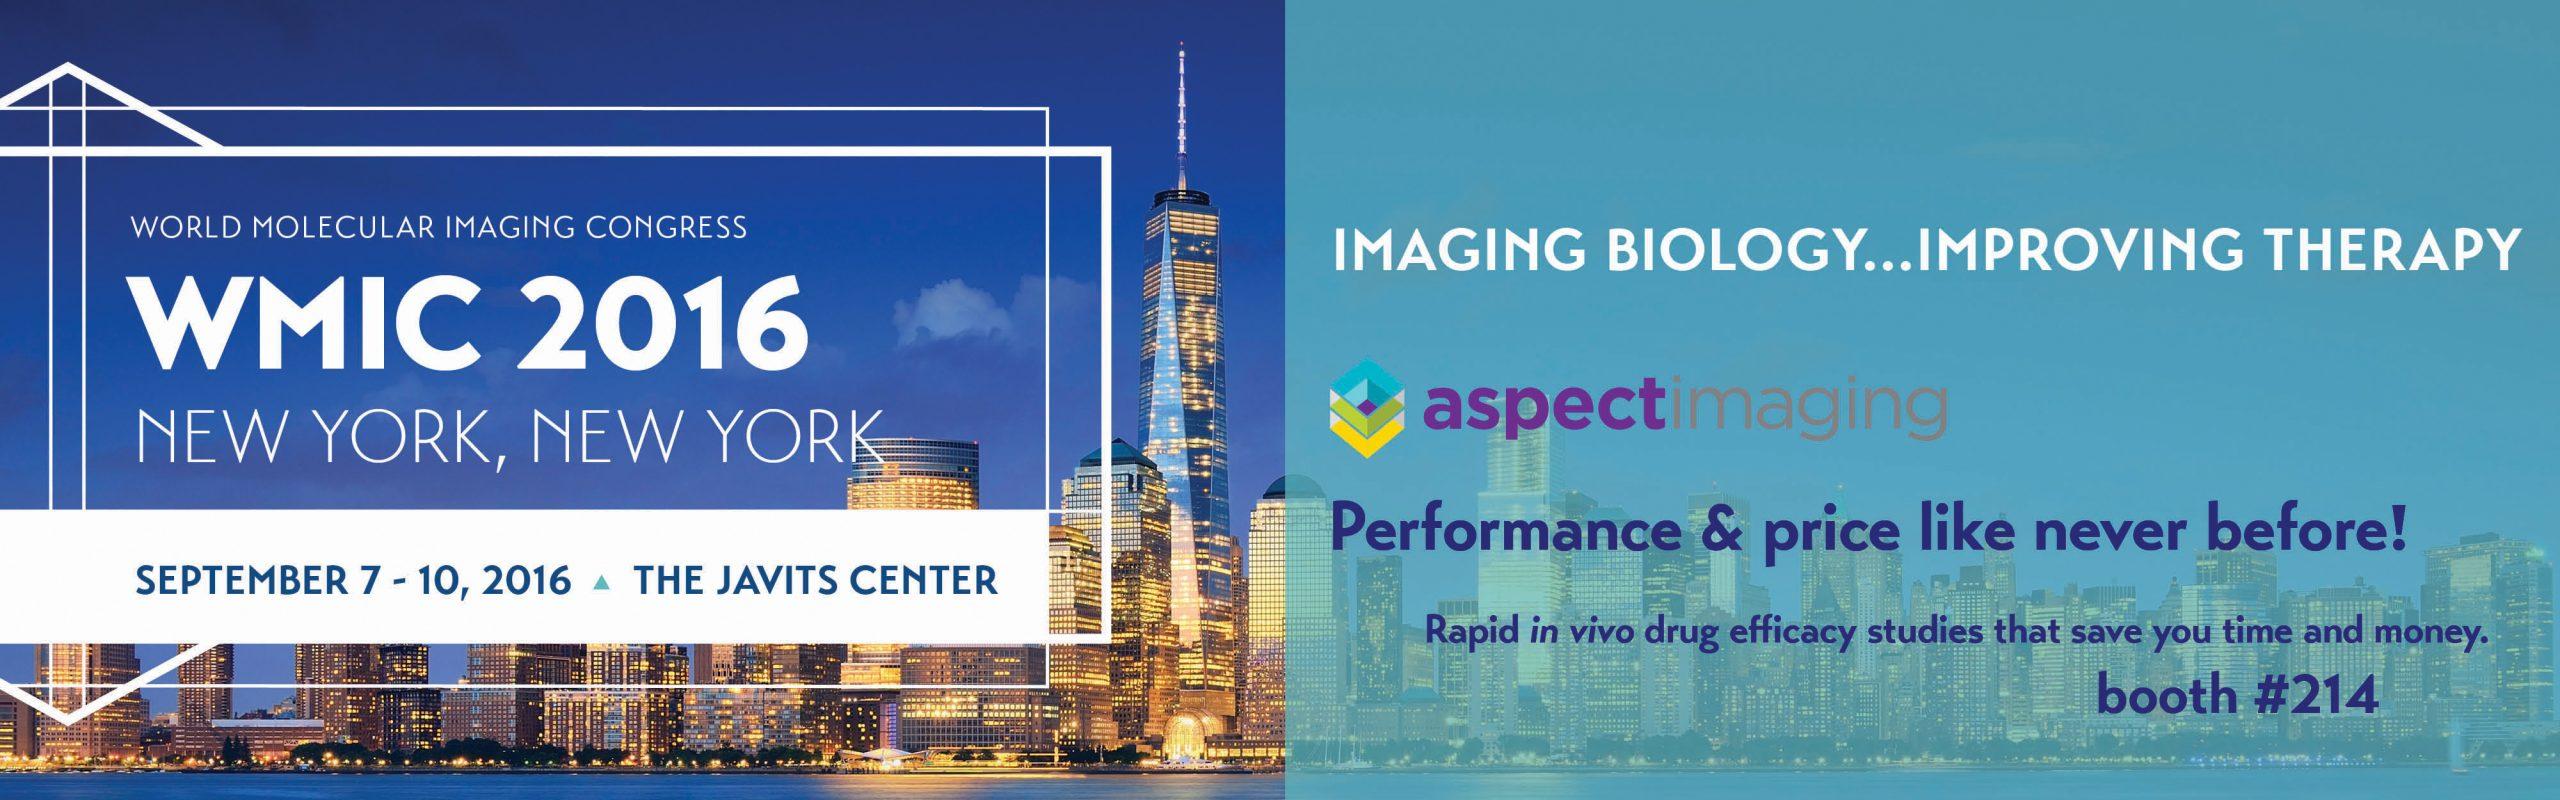 2016. Sep. 6–12. Prof. Nagasawa will give a talk at World Molecular Imaging Congress 2016, New York.